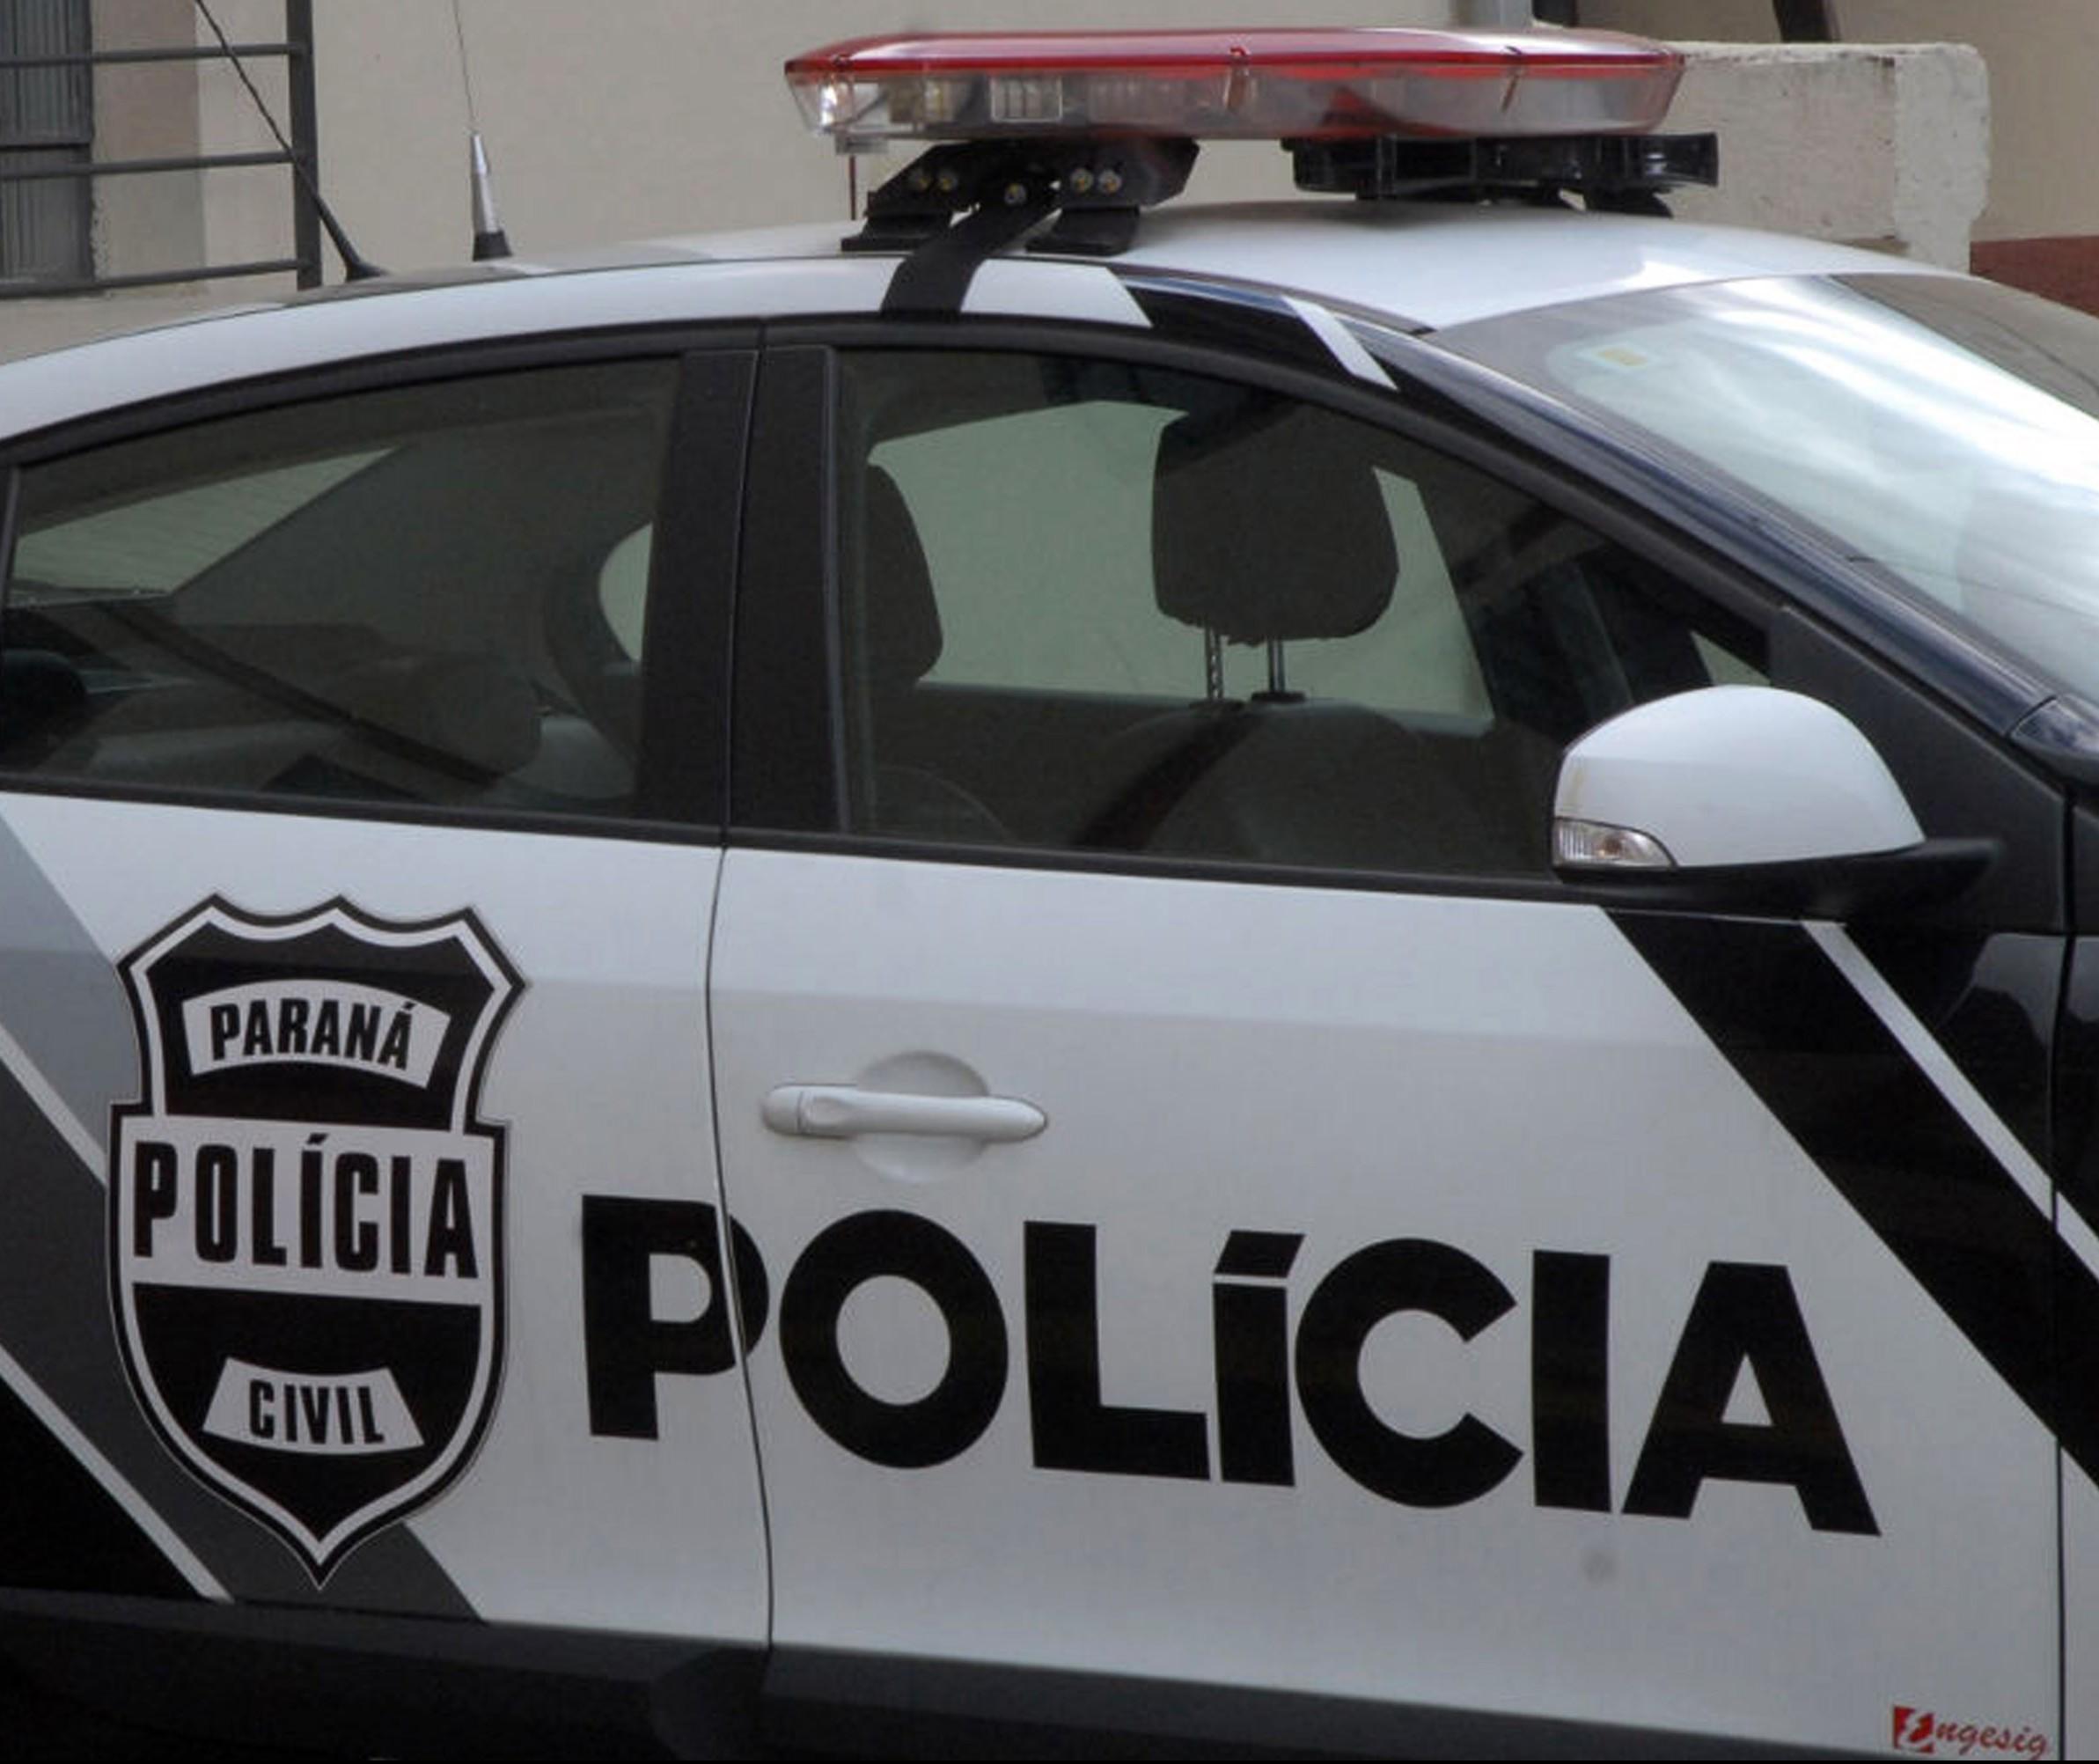 Suspeito de ter assassinado mulher em Paiçandu se entrega à Polícia Civil